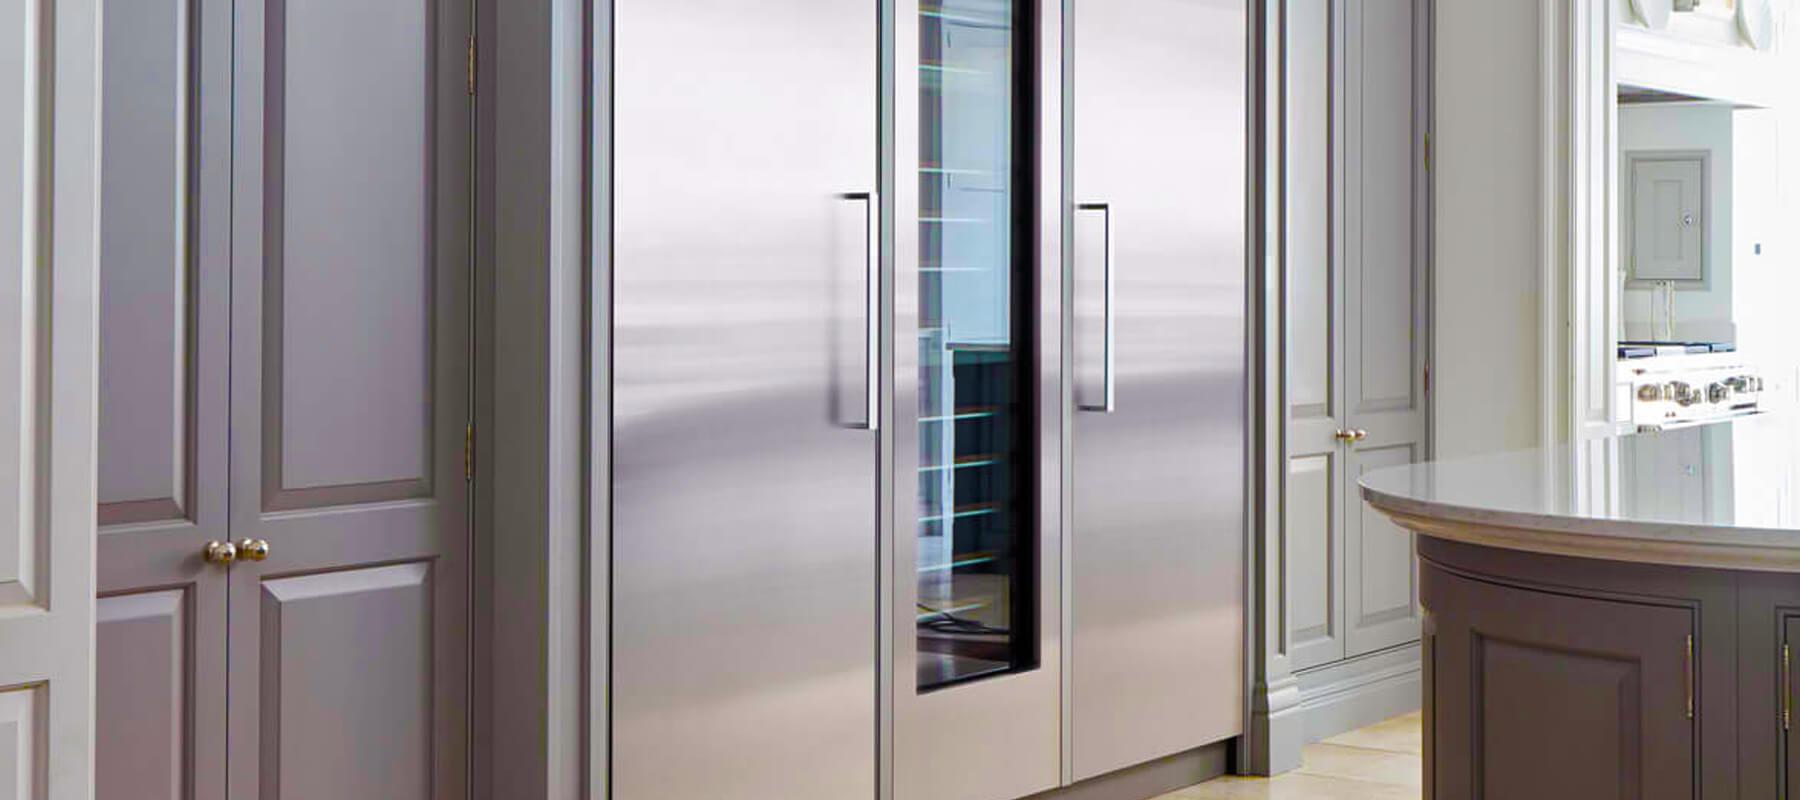 Viking Built in Refrigerator Repair Service   Built-in Refrigerator Repair